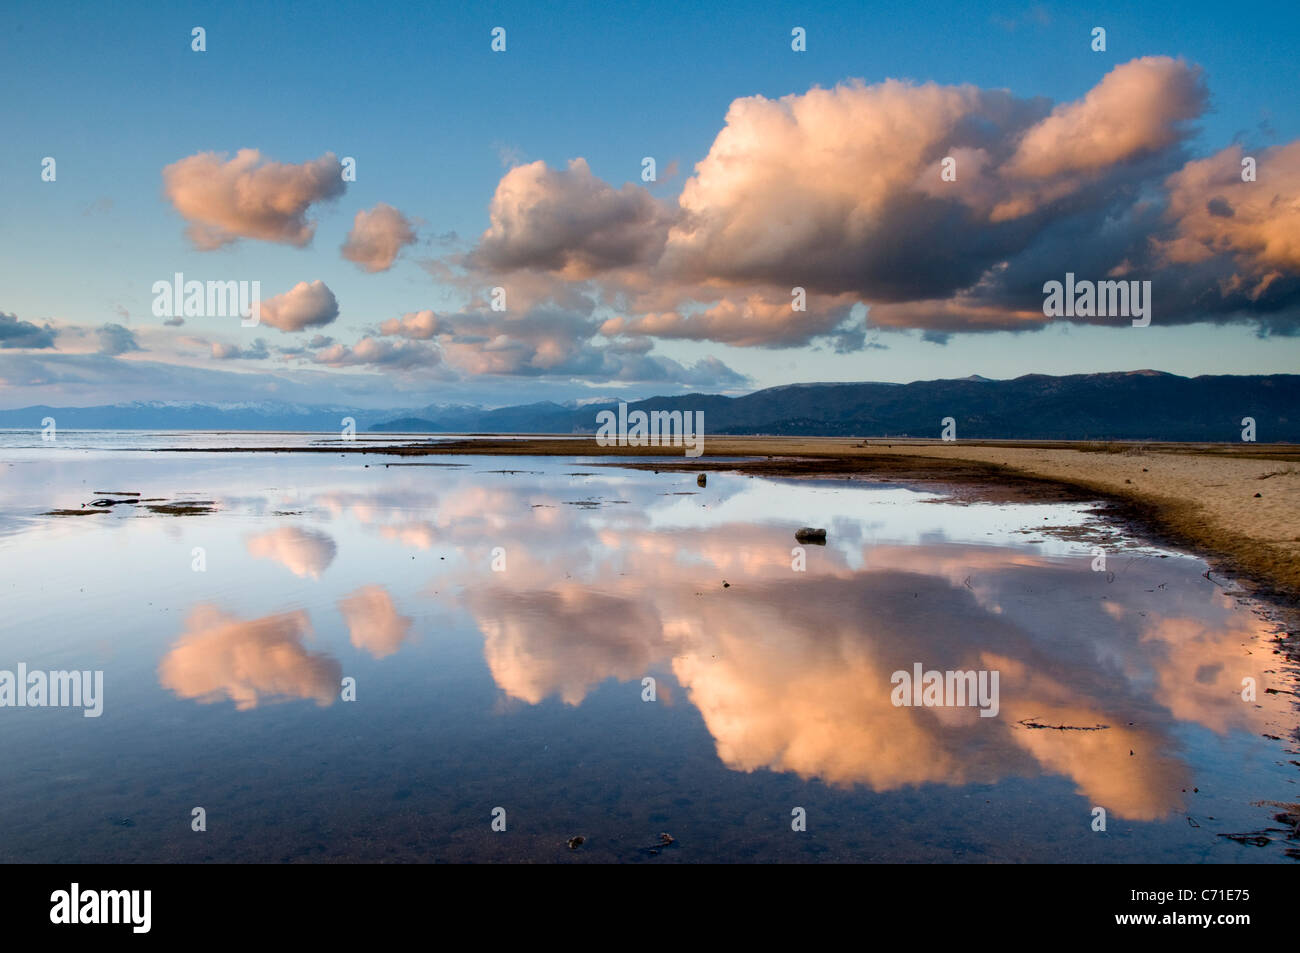 Große Wolken reflektiert in Lake Tahoe im späten Nachmittag Licht, California. Stockbild